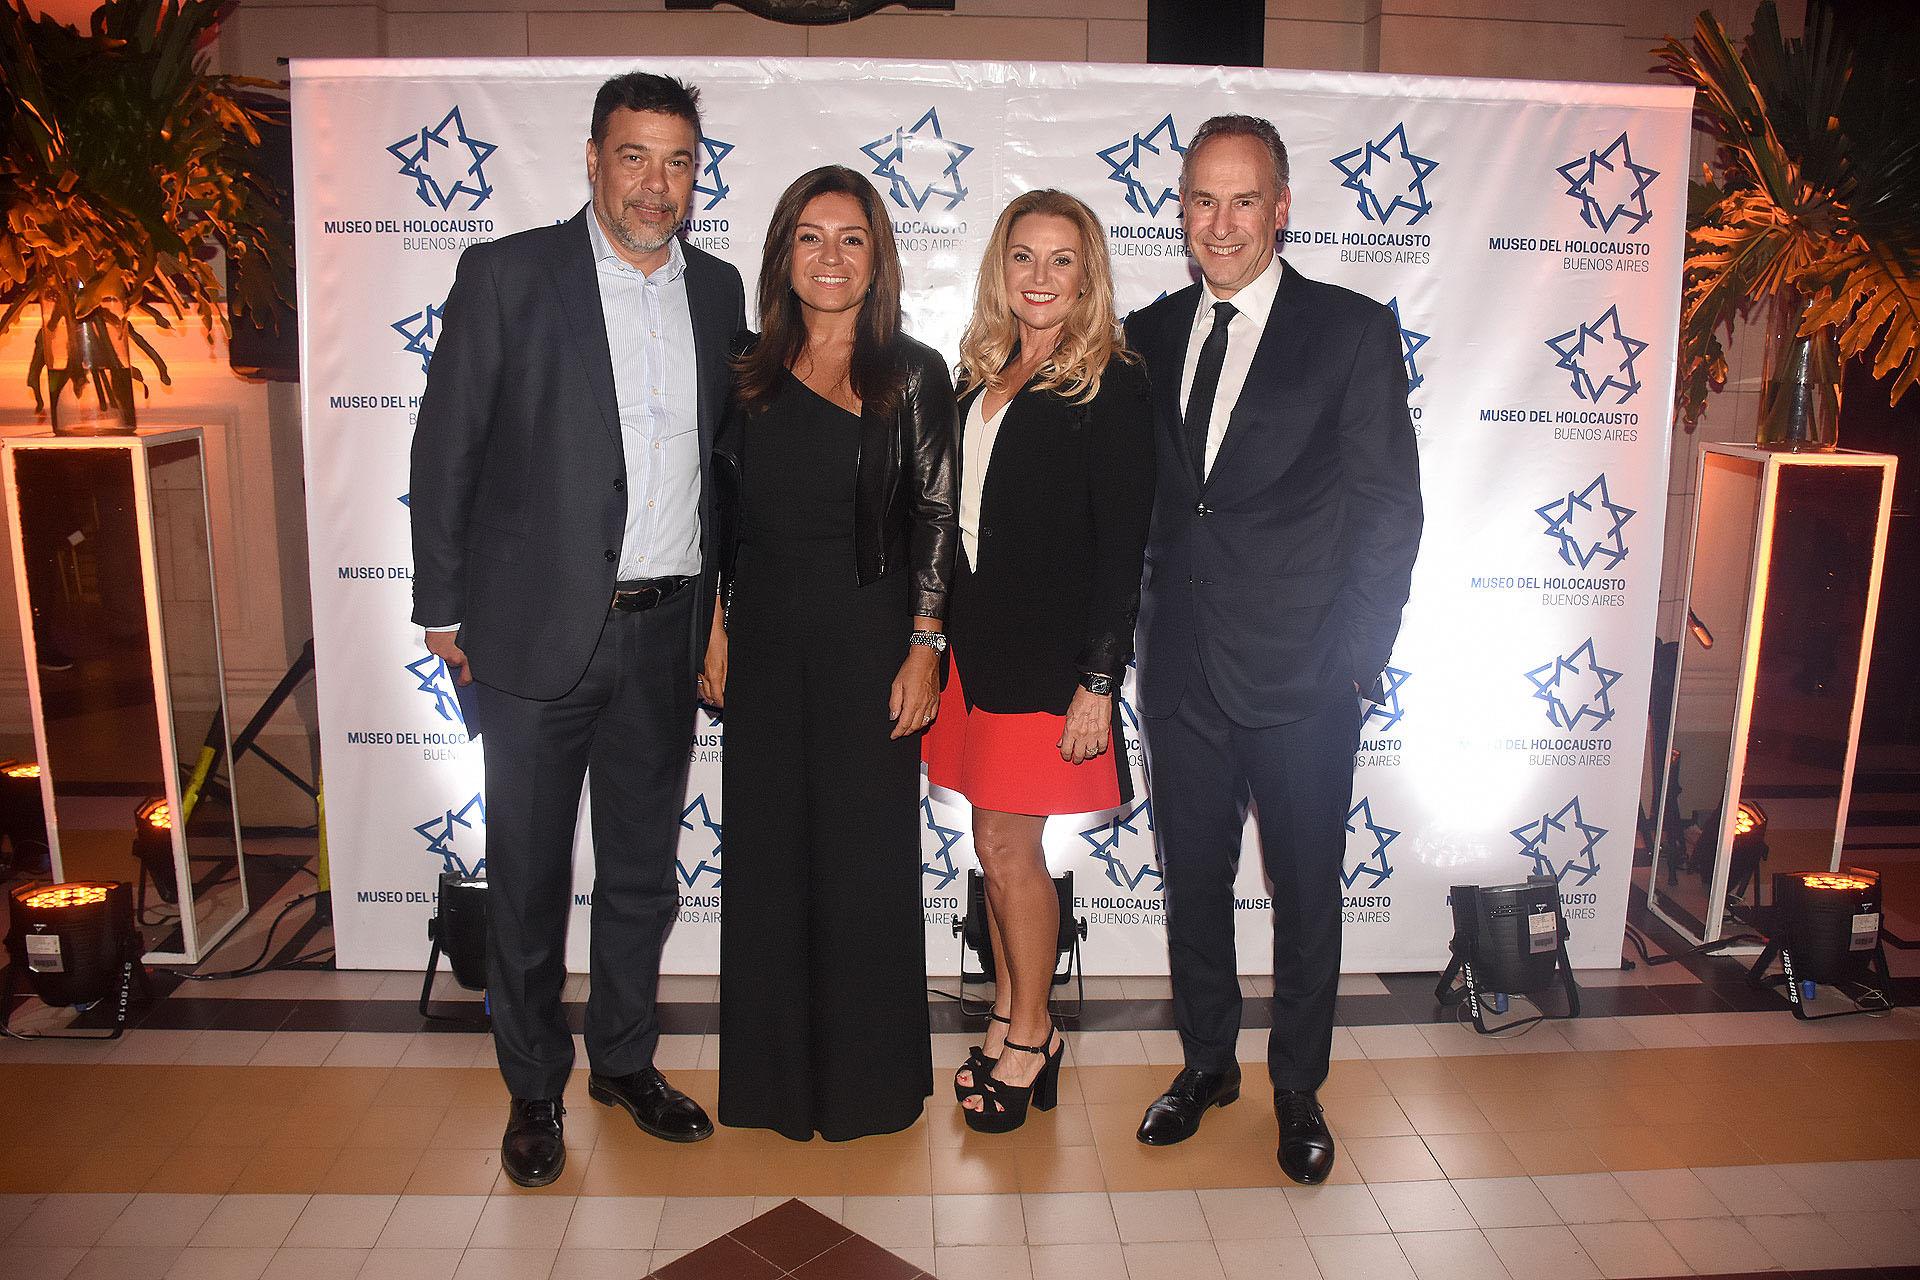 Darío Werthein, Accionista en Grupo Werthein, Cecilia Nobili, Marcelo Mindlin, presidente del Museo del Holocausto, y su esposa Mariana